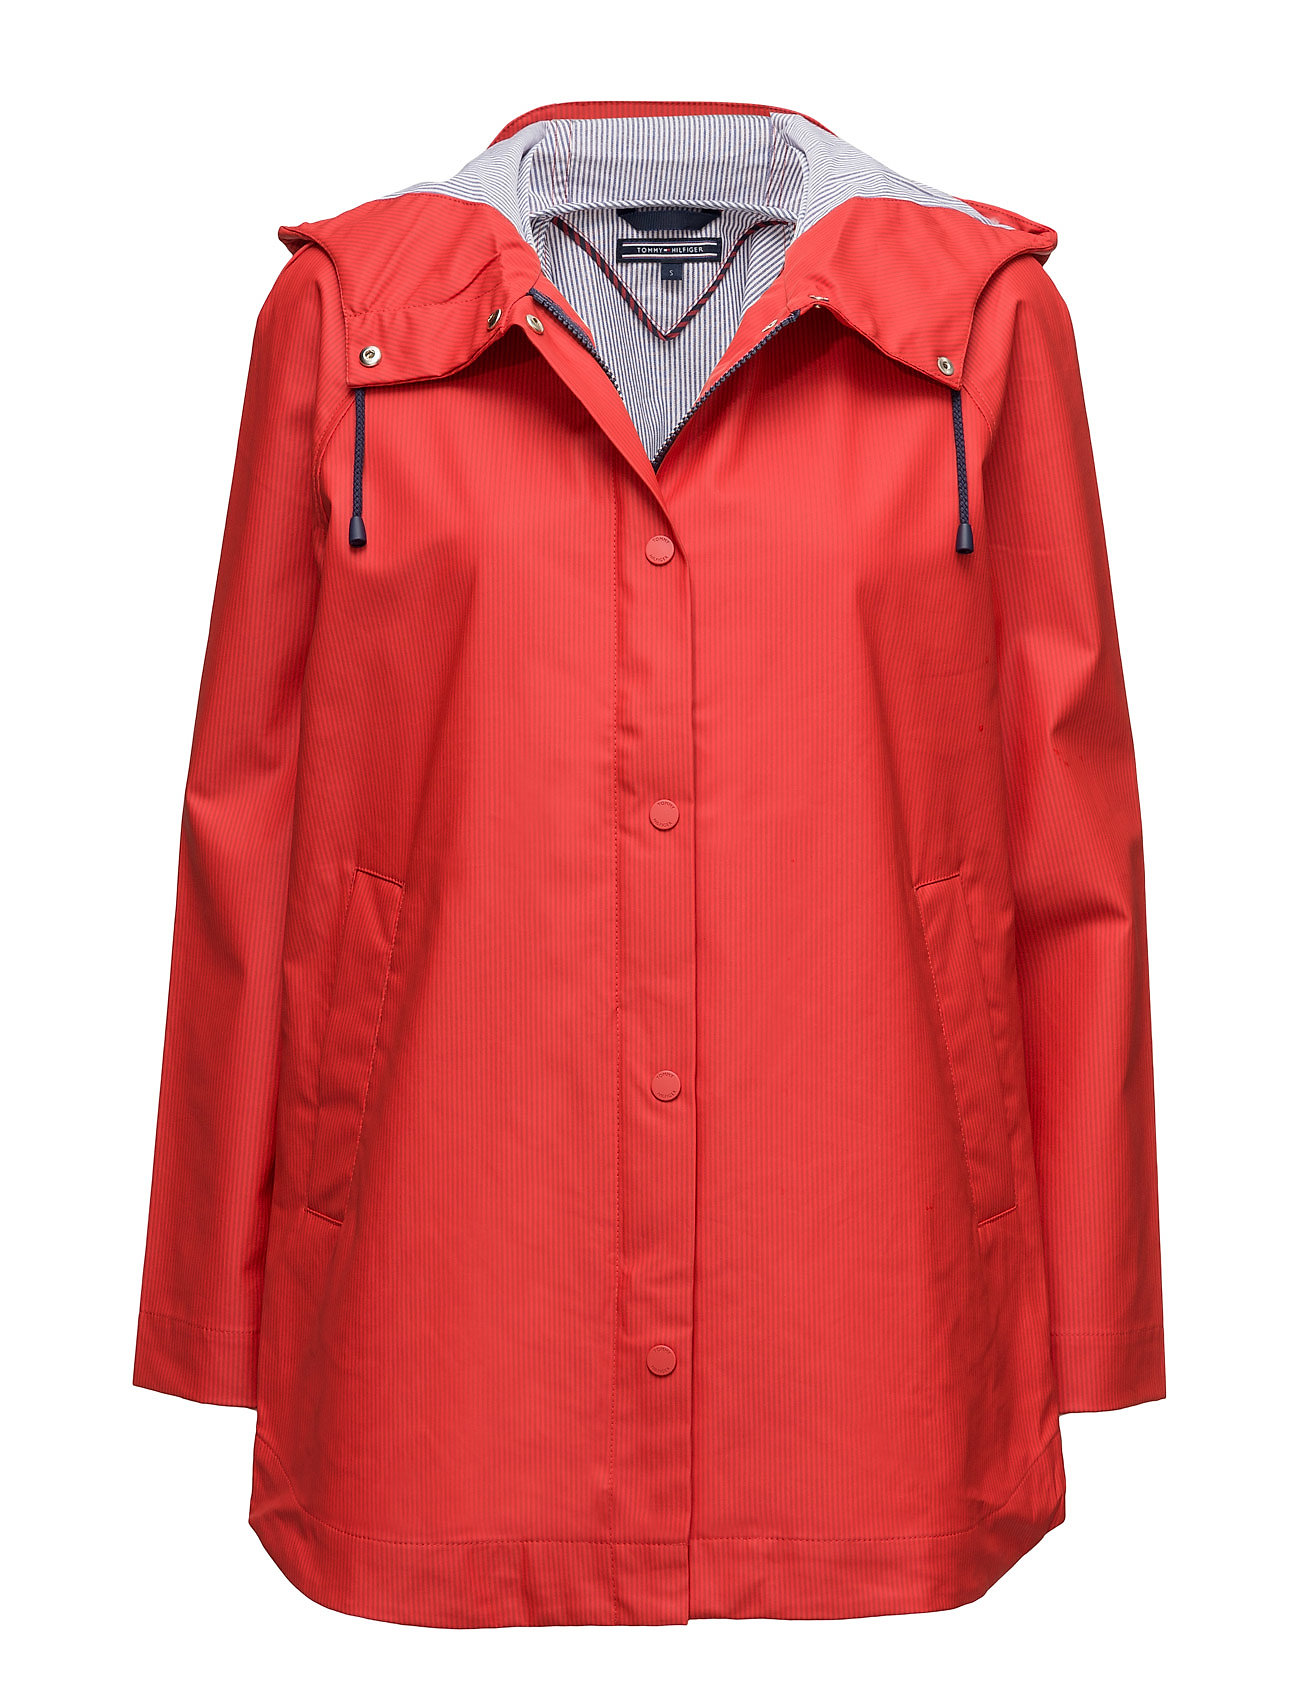 Bonnie Rainwear Parka Tommy Hilfiger Regntøj til Damer i Rød